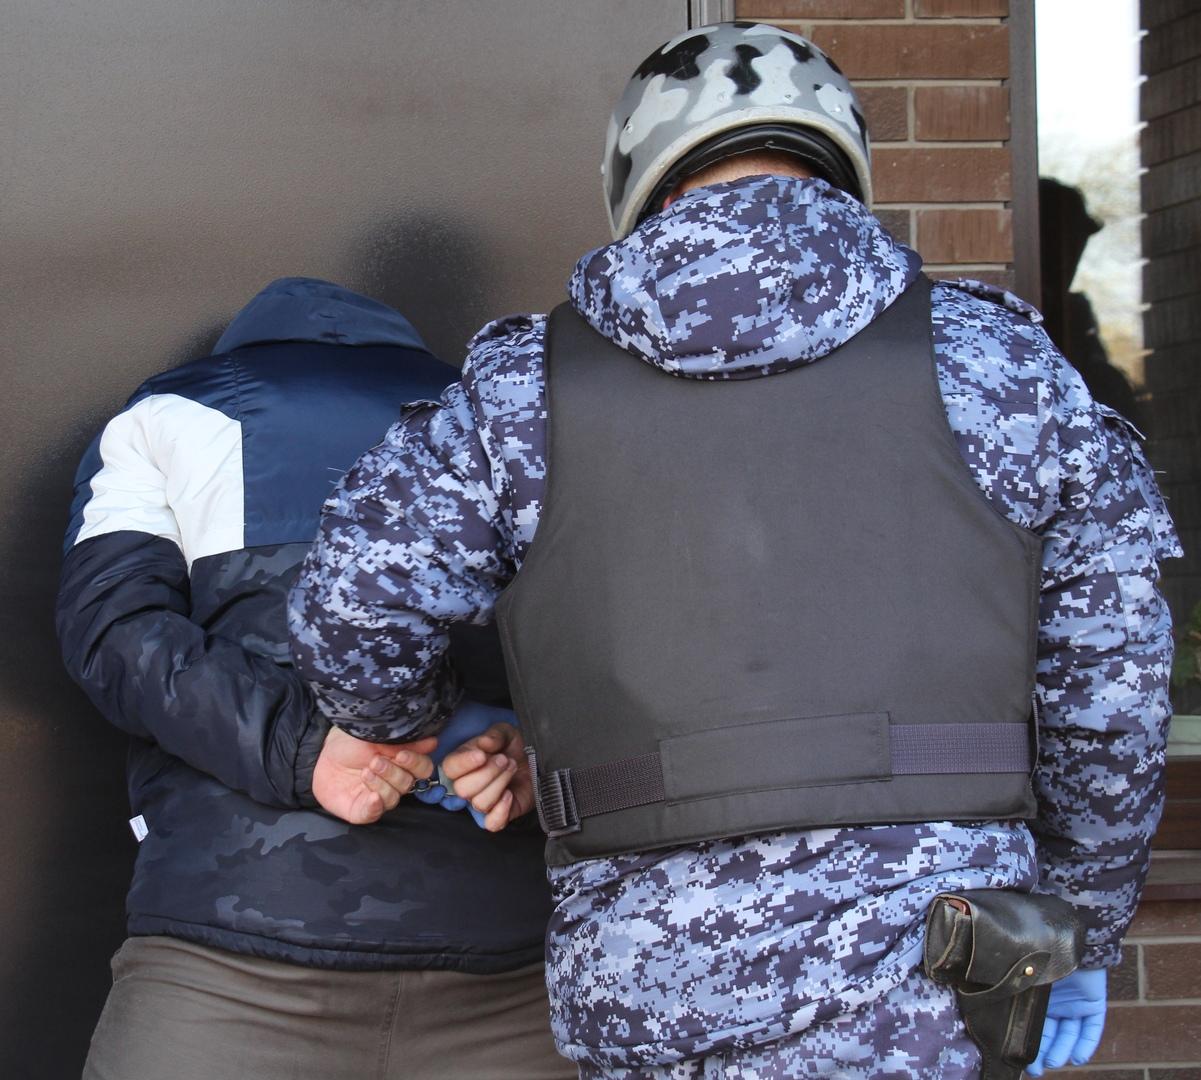 Мужчина решил покататься и угнал машину в Тверской области